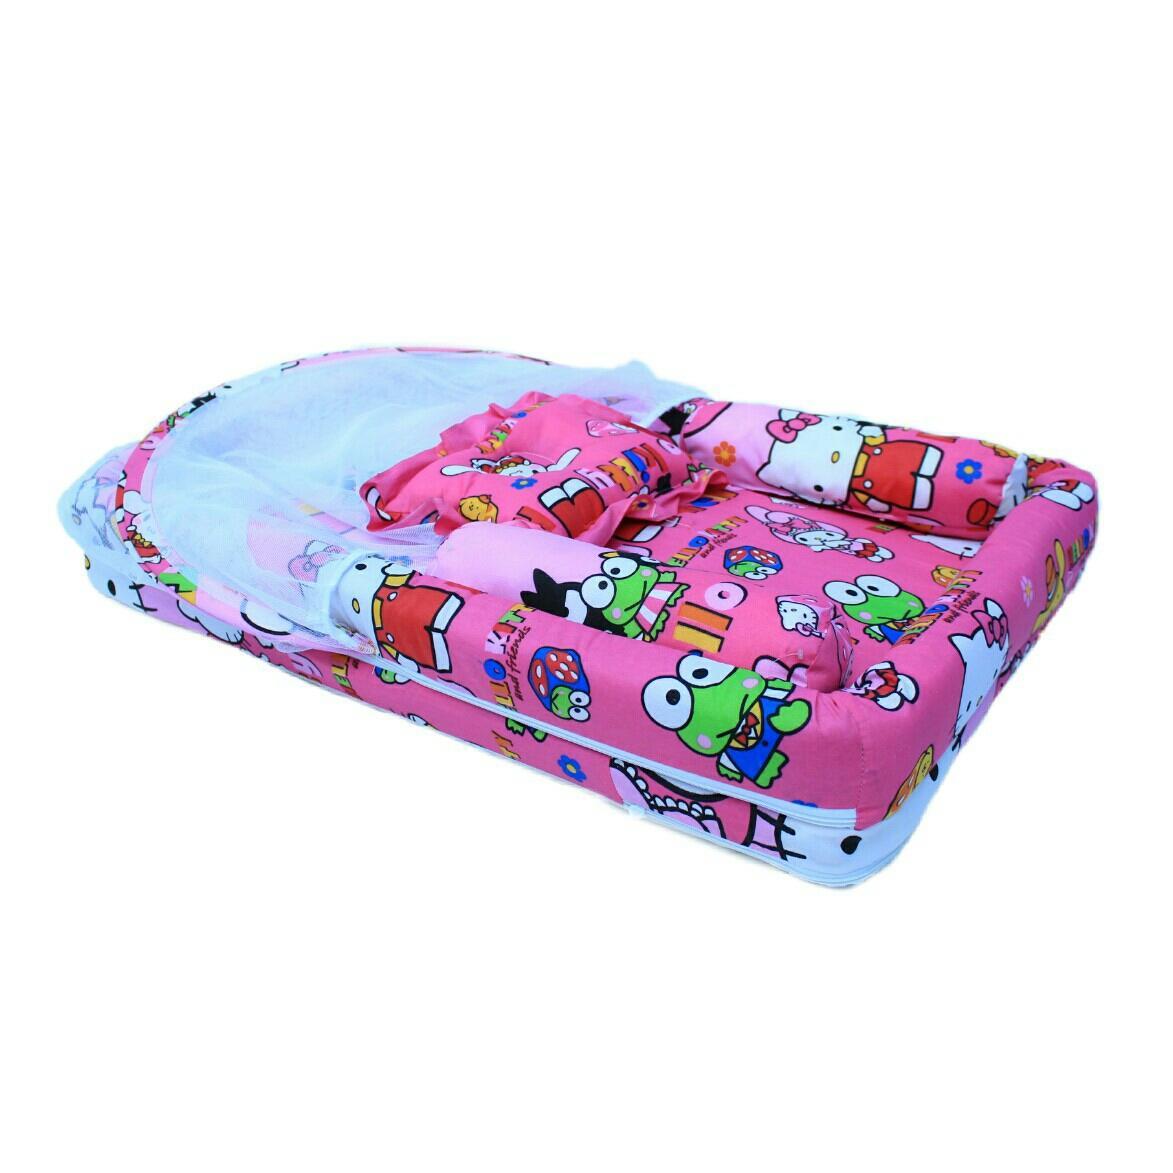 UDARA MURAH MULTIFUNGSI MULTICOLOR Price Of Bestway Inflatable 2 In 1 Single Sofa . Source · Kasur bayi kelambu bentuk kolam warna hijau